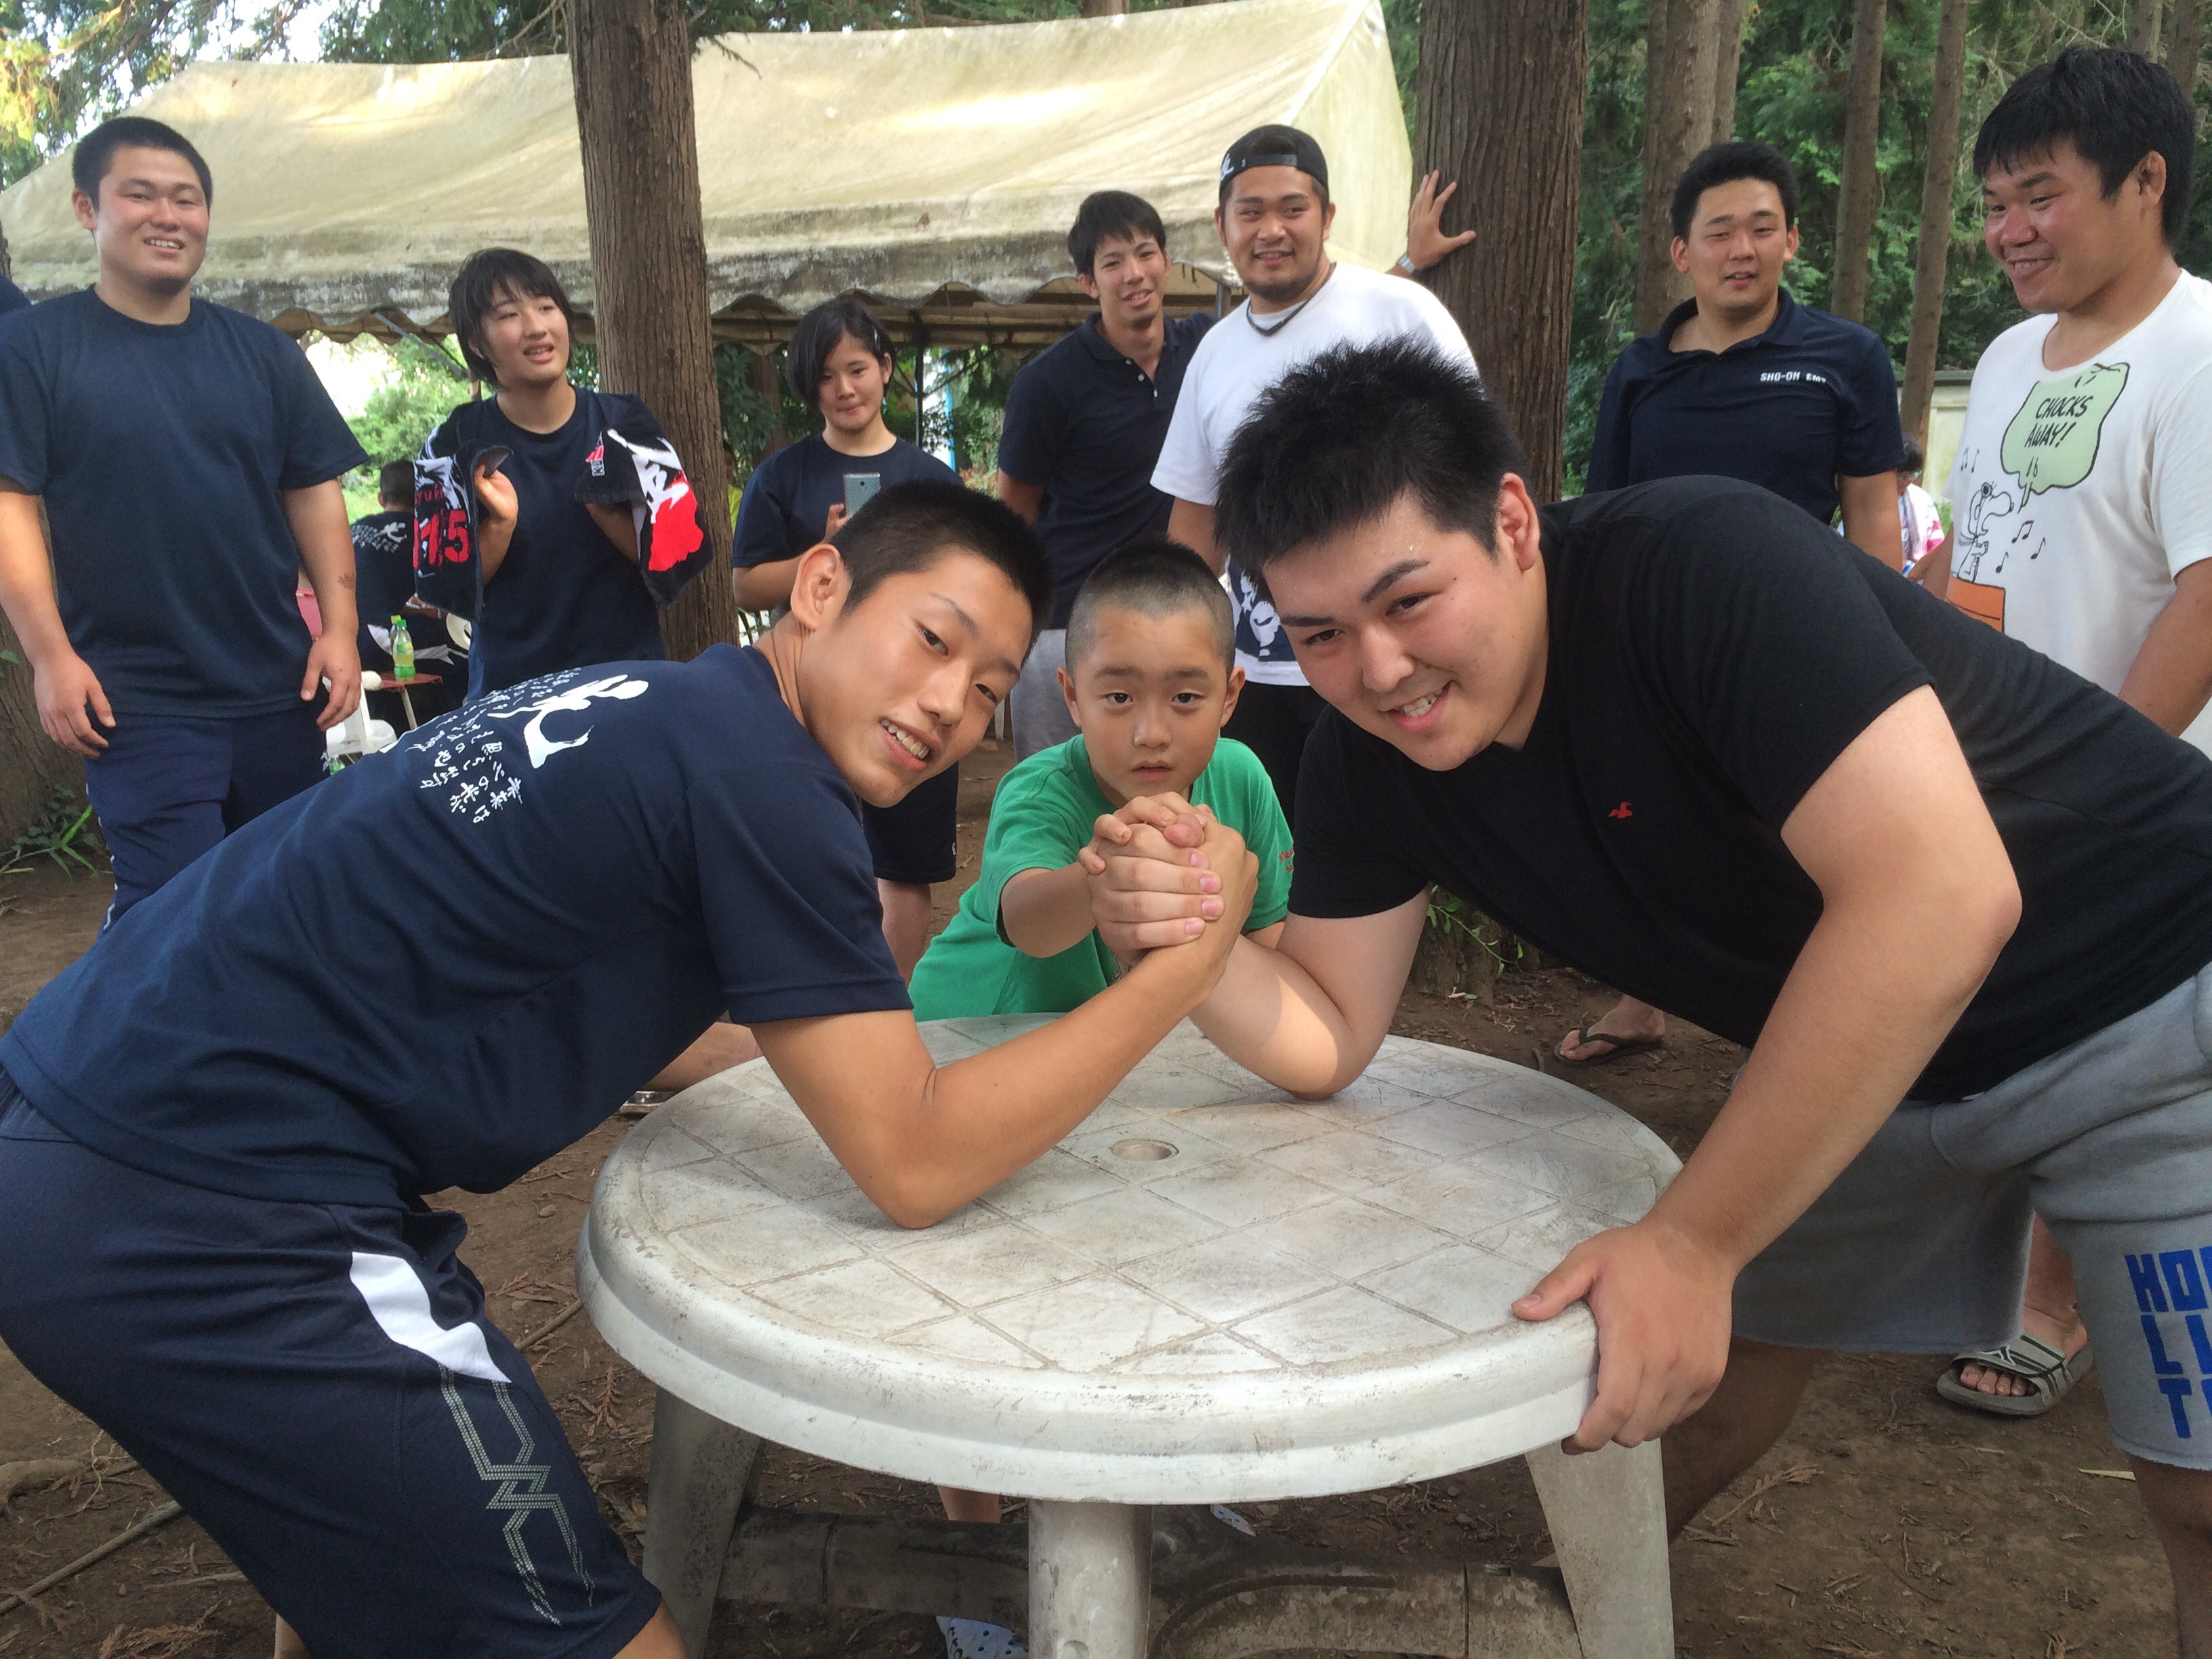 光明柔道部のBBQにて上下対決!戦いは「腕相撲一本勝負!」